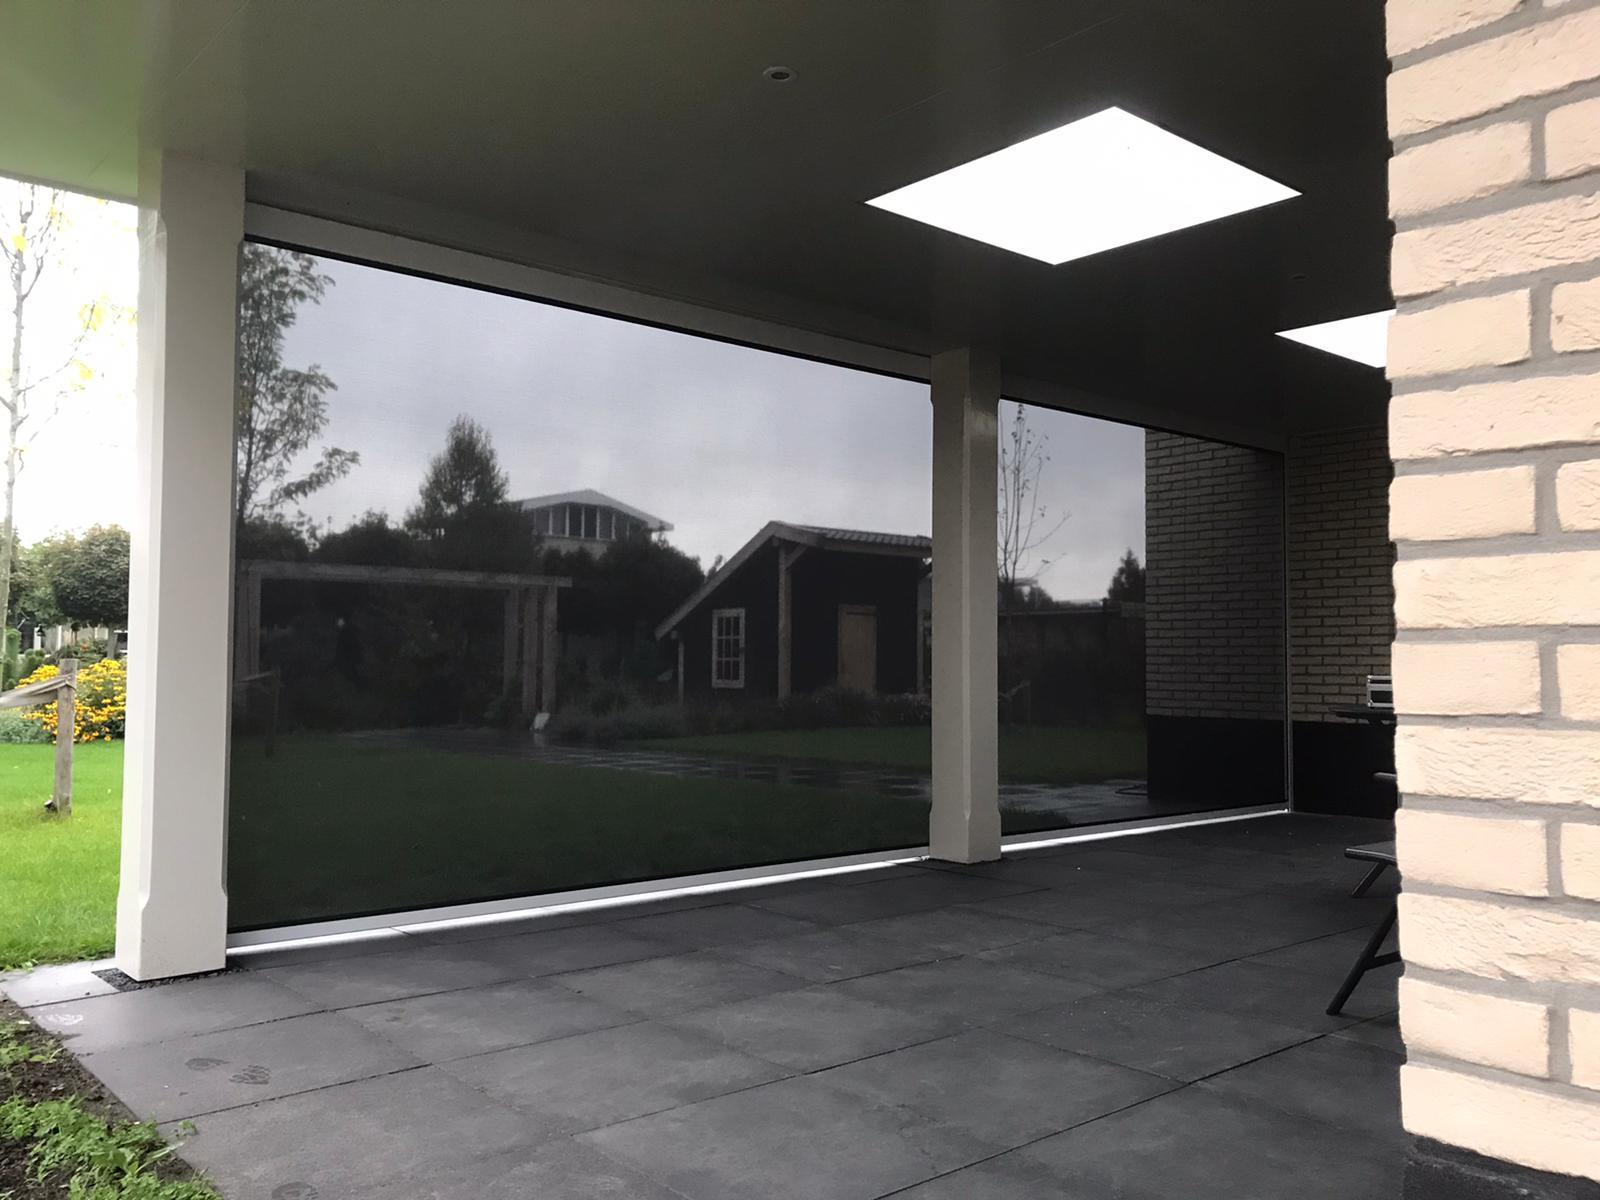 Veranda screens en zipscreens op maat bij Van Ewijk Zonwering in Lelystad Dronten Swifterbant en Almere 04